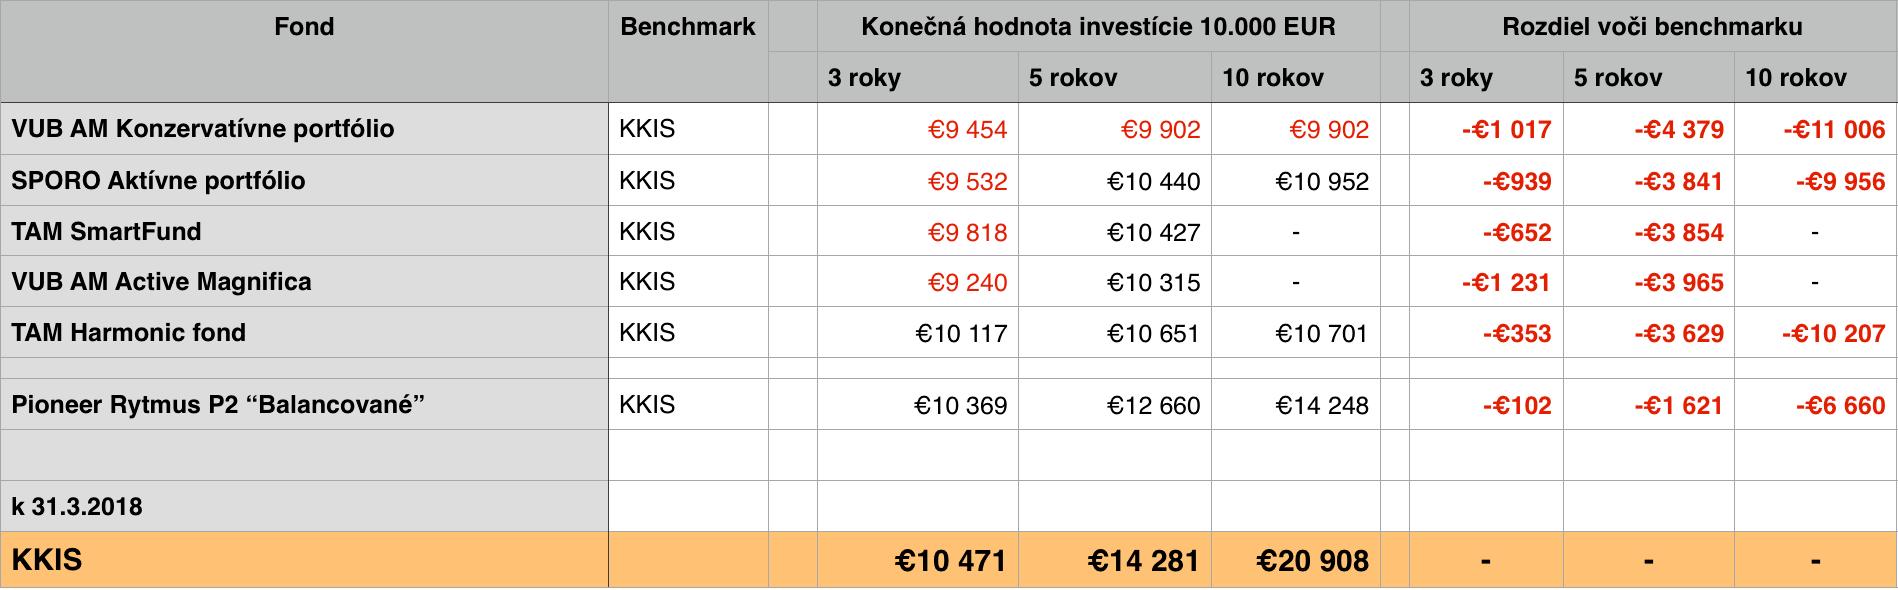 Podielove fondy zmiesane zhodnotenie